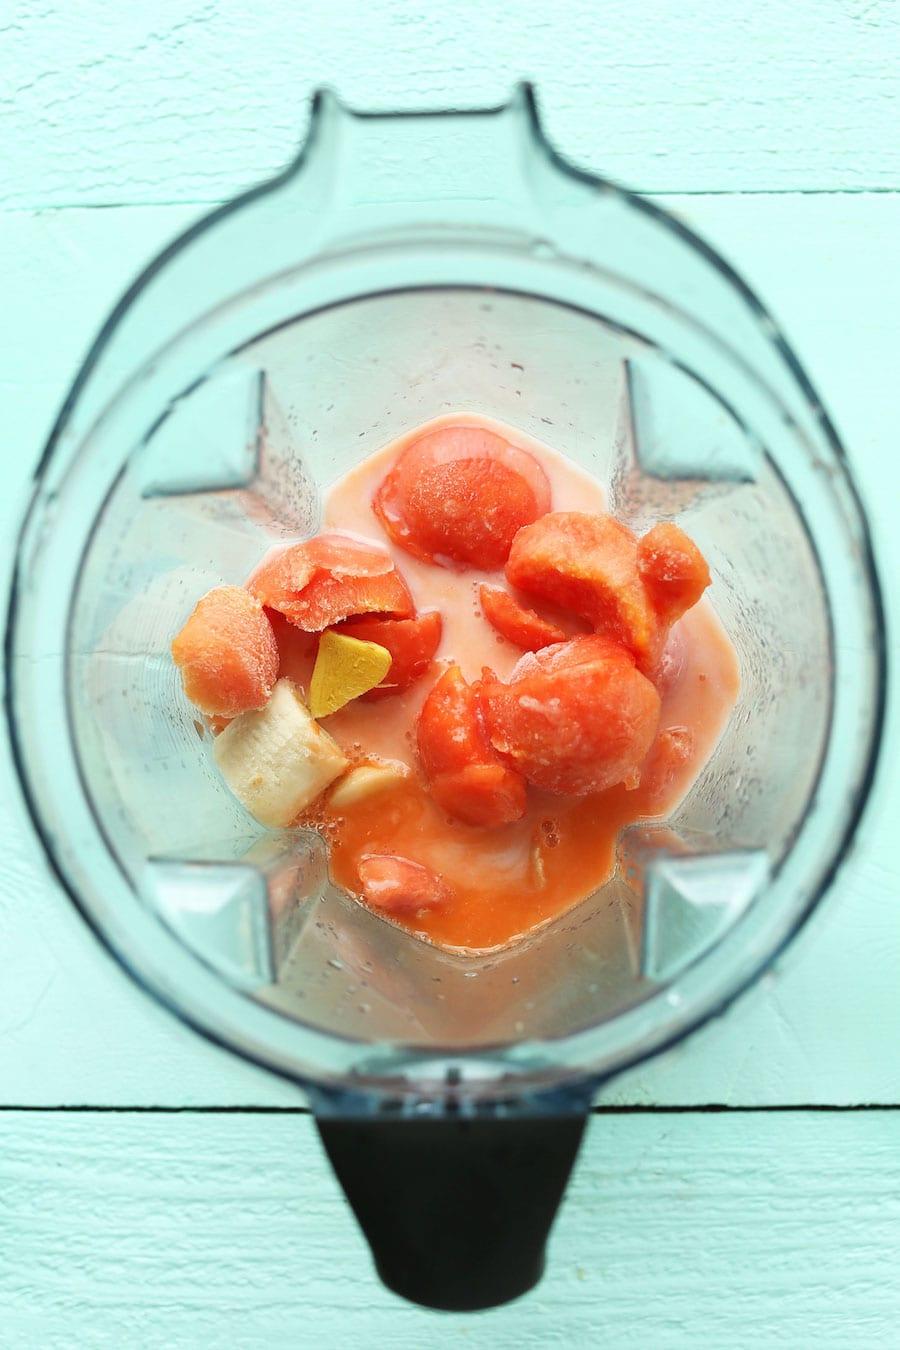 CREAMY-refreshing-Papaya-Smoothie-Detox-with-just-6-ingredients-vegan-glutenfree-drink-recipe-detox-smoothie-papaya